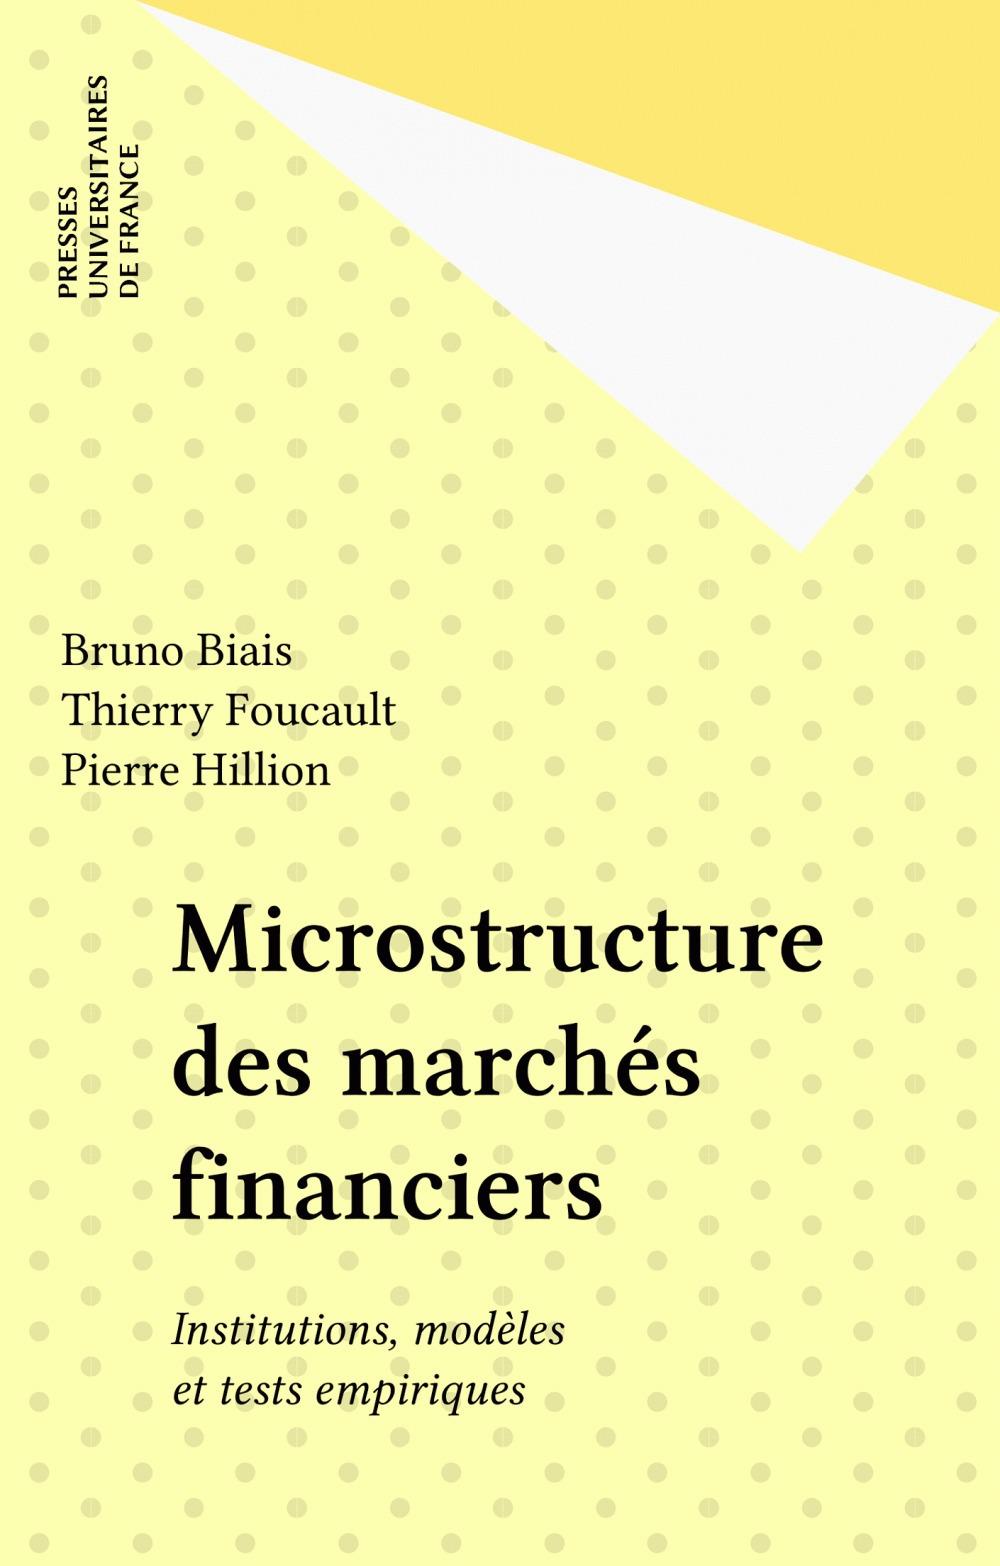 Microstructure des marchés financiers